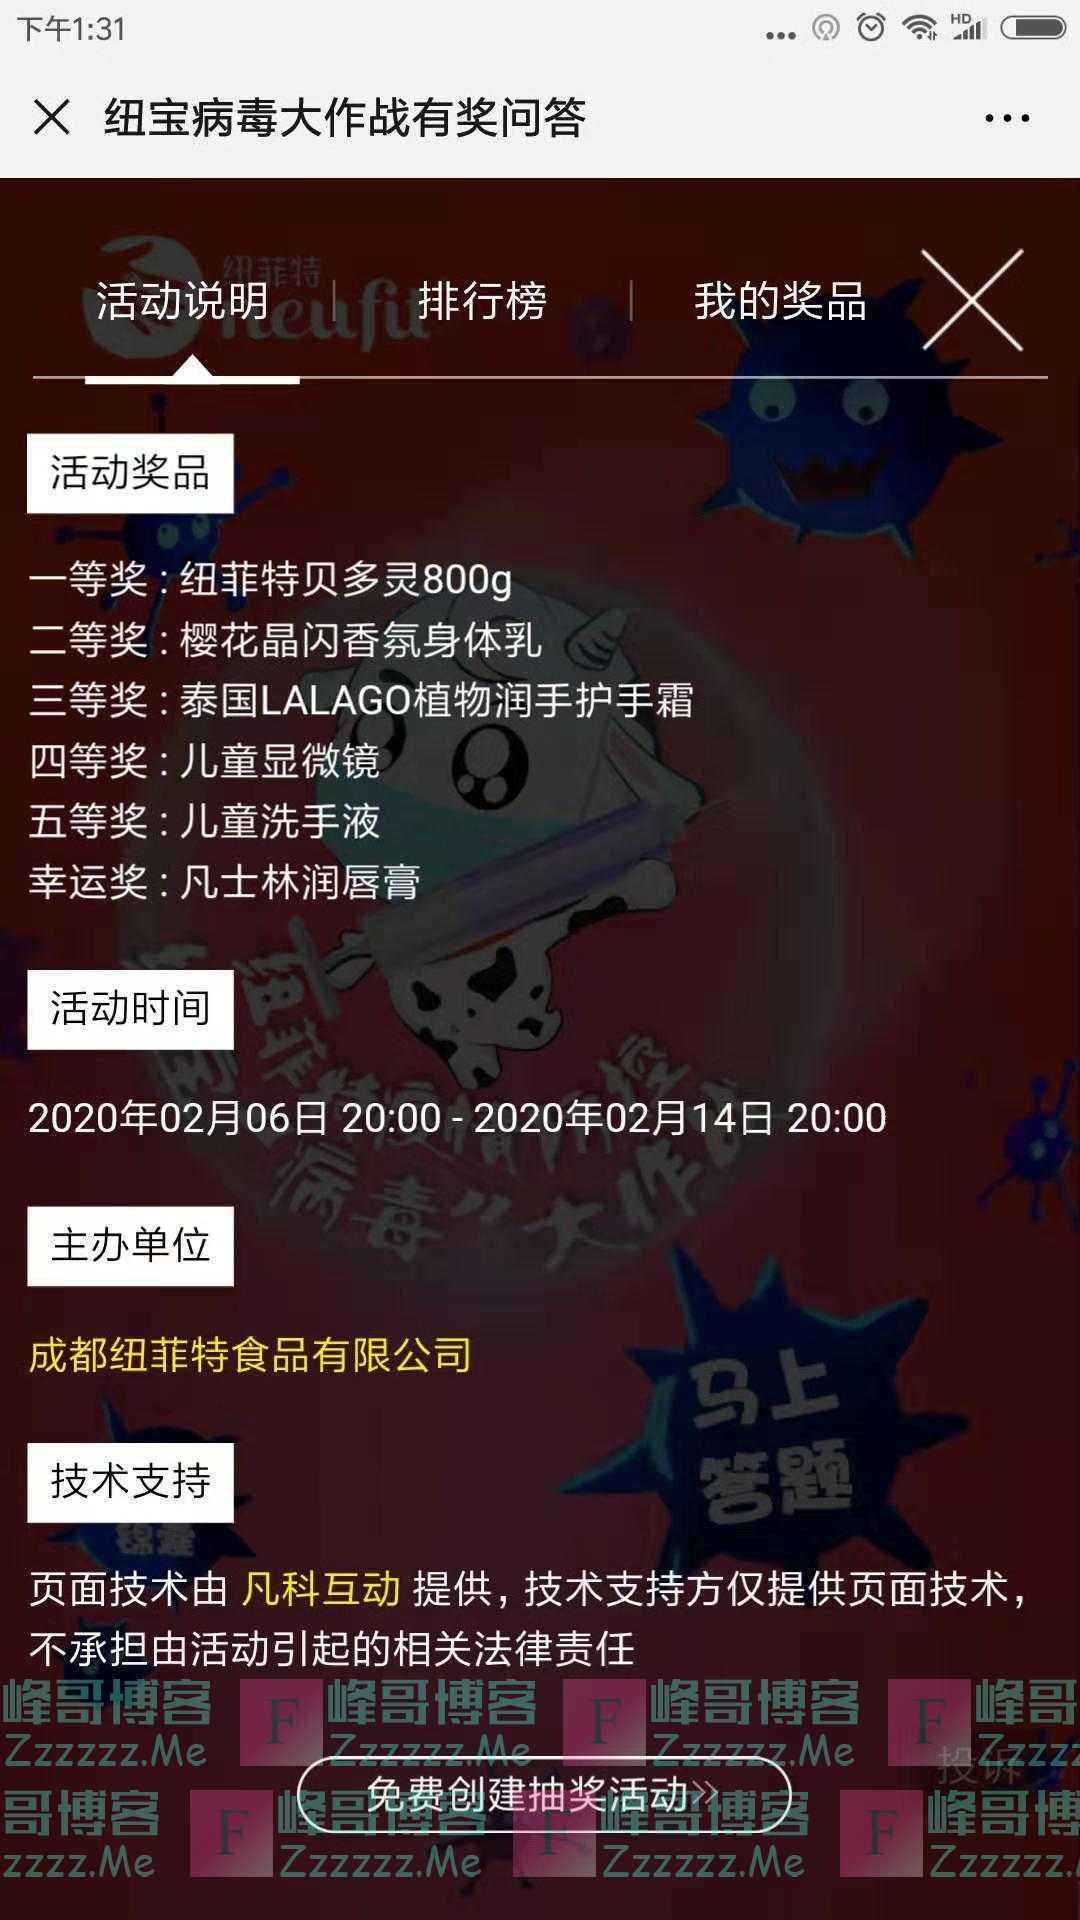 纽菲特乳业纽宝病 毒大作战(截止2月14日)